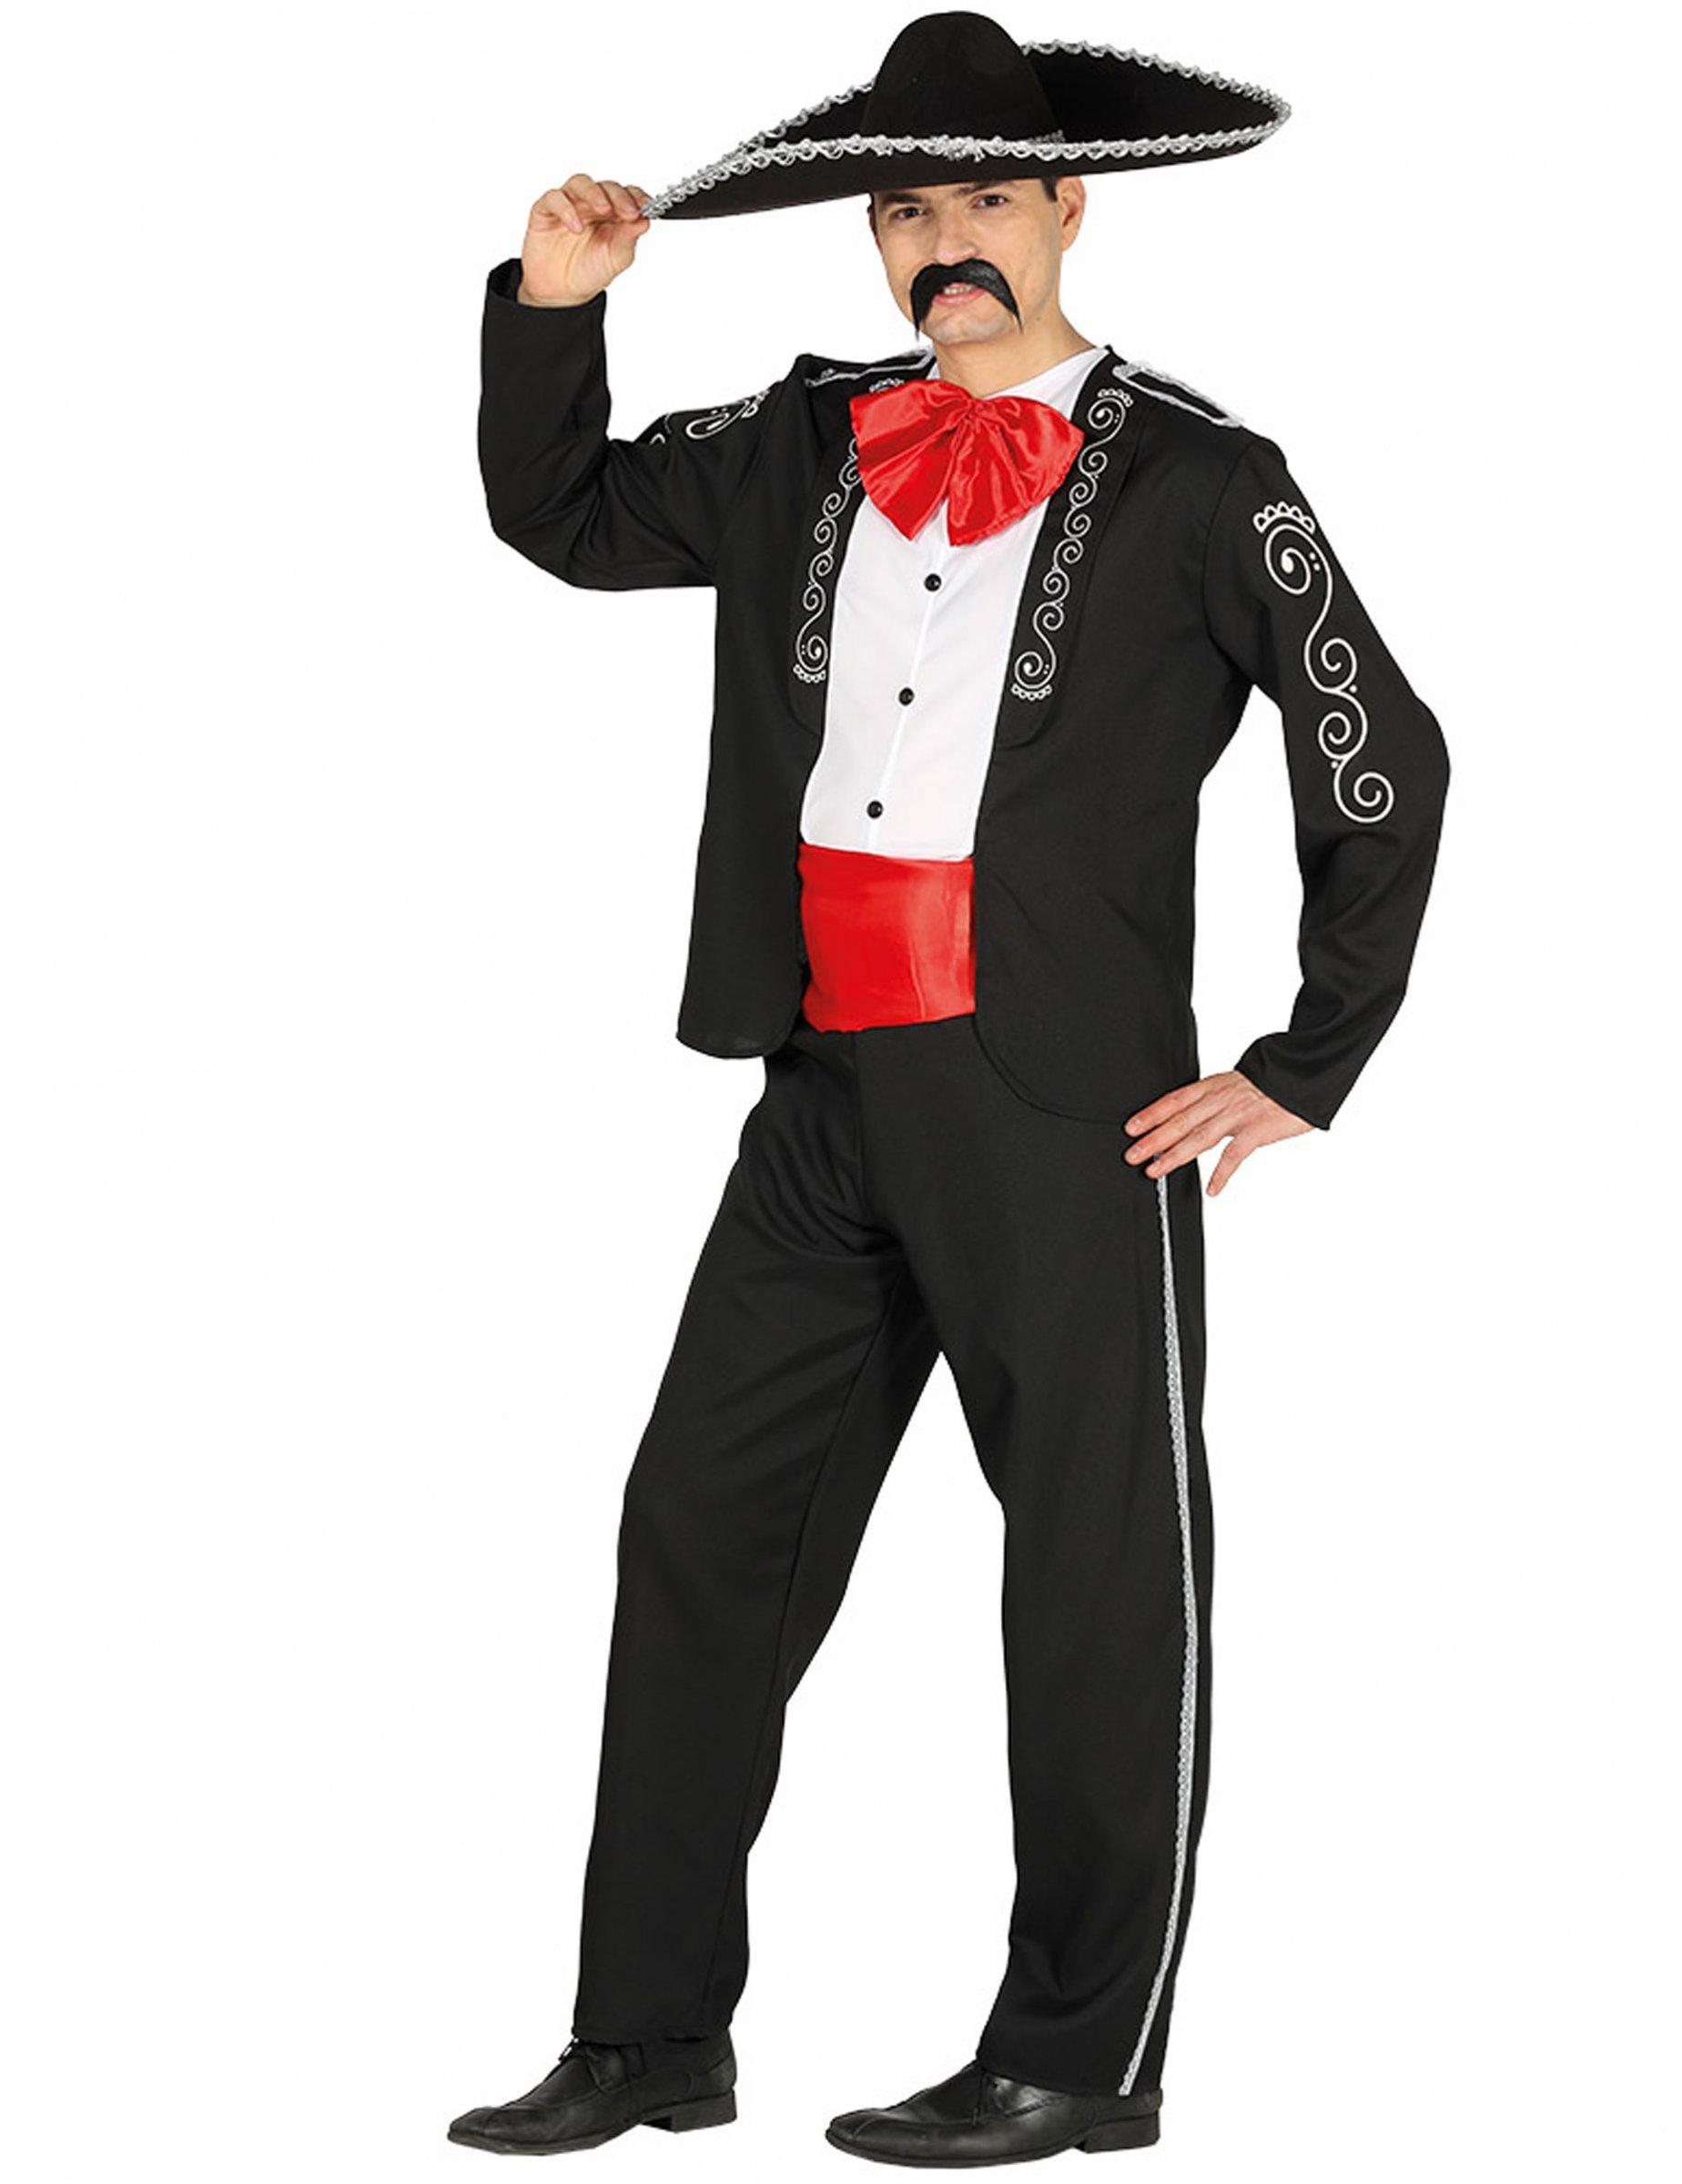 Mexikaner Kostüm für Herren schwarz-rot - L (42-44) 275765